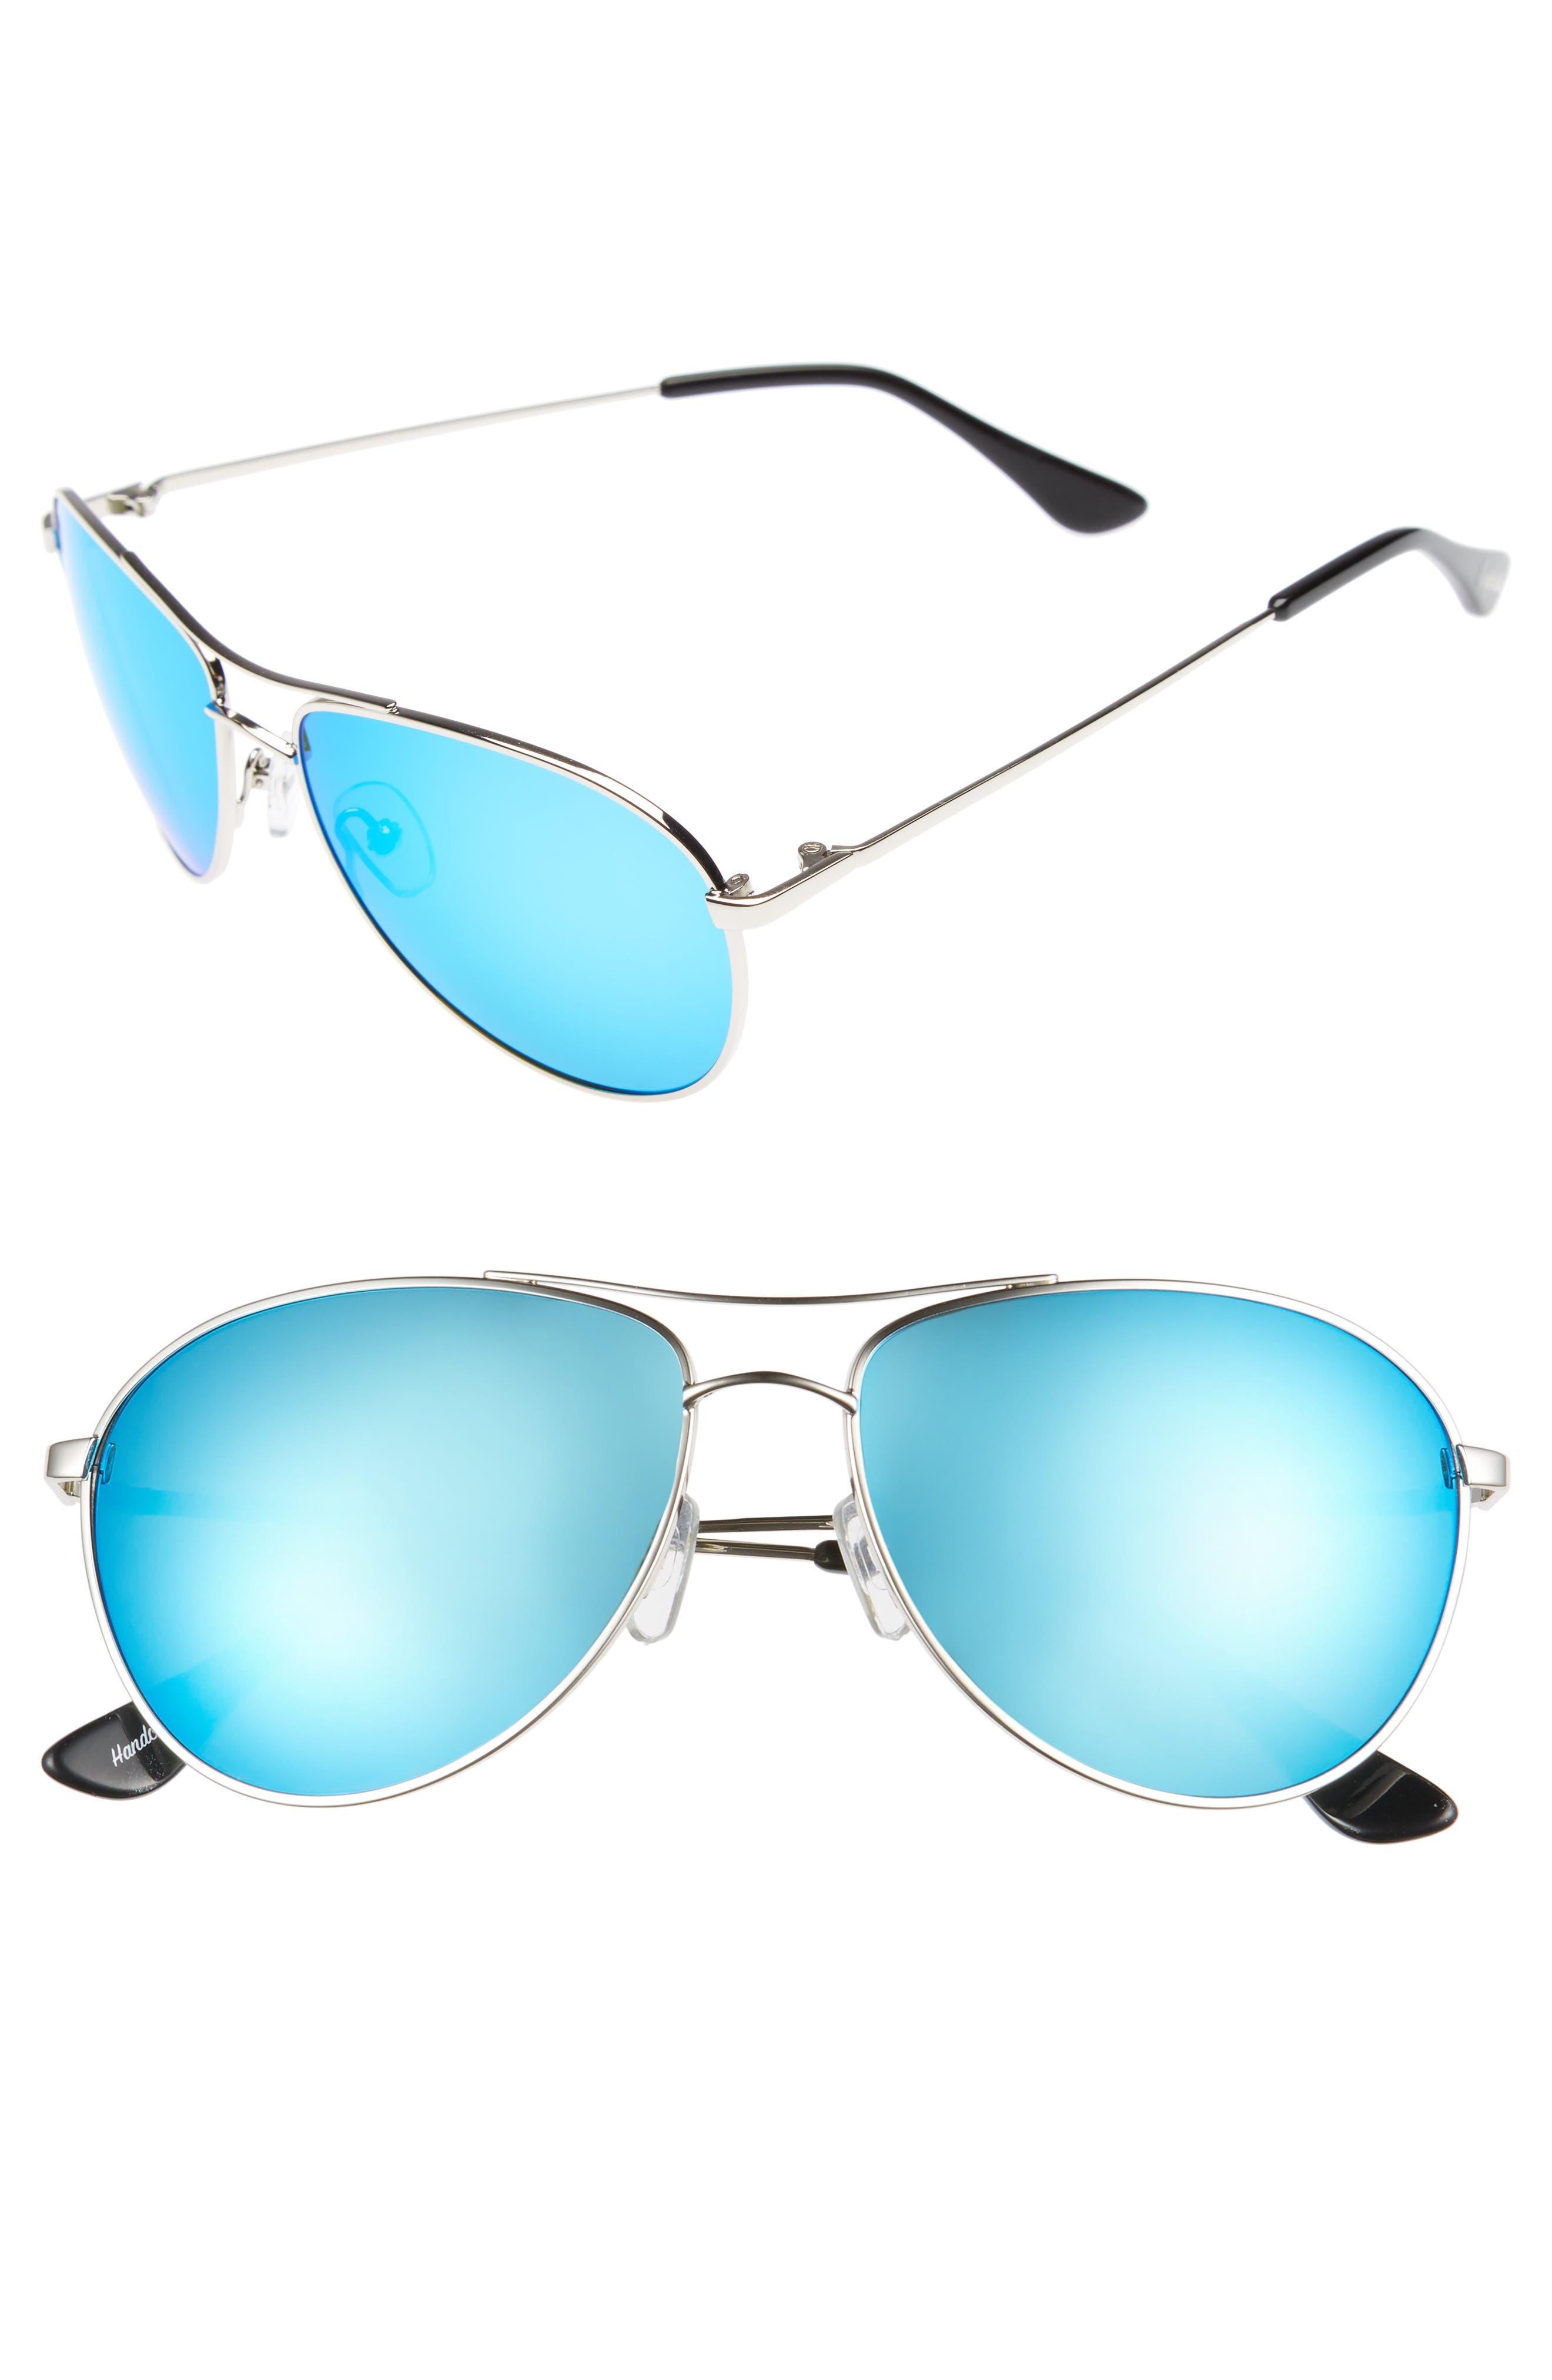 Main Image - Brightside Orville 58mm Mirrored Aviator Sunglasses